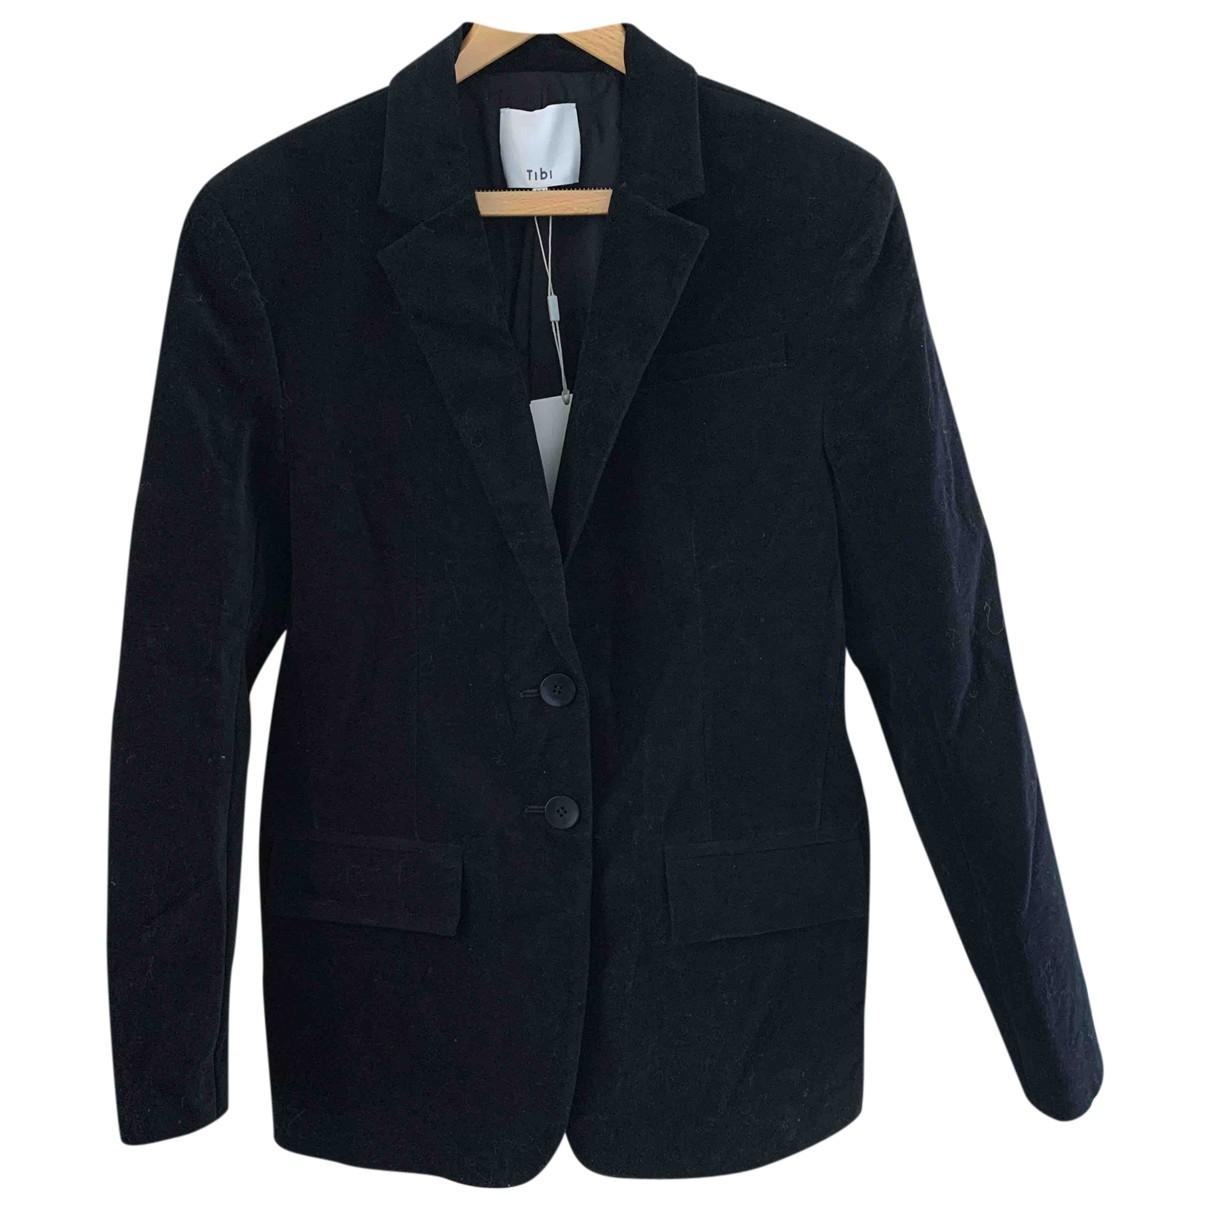 Tibi \N Black Velvet jacket for Women 38 FR